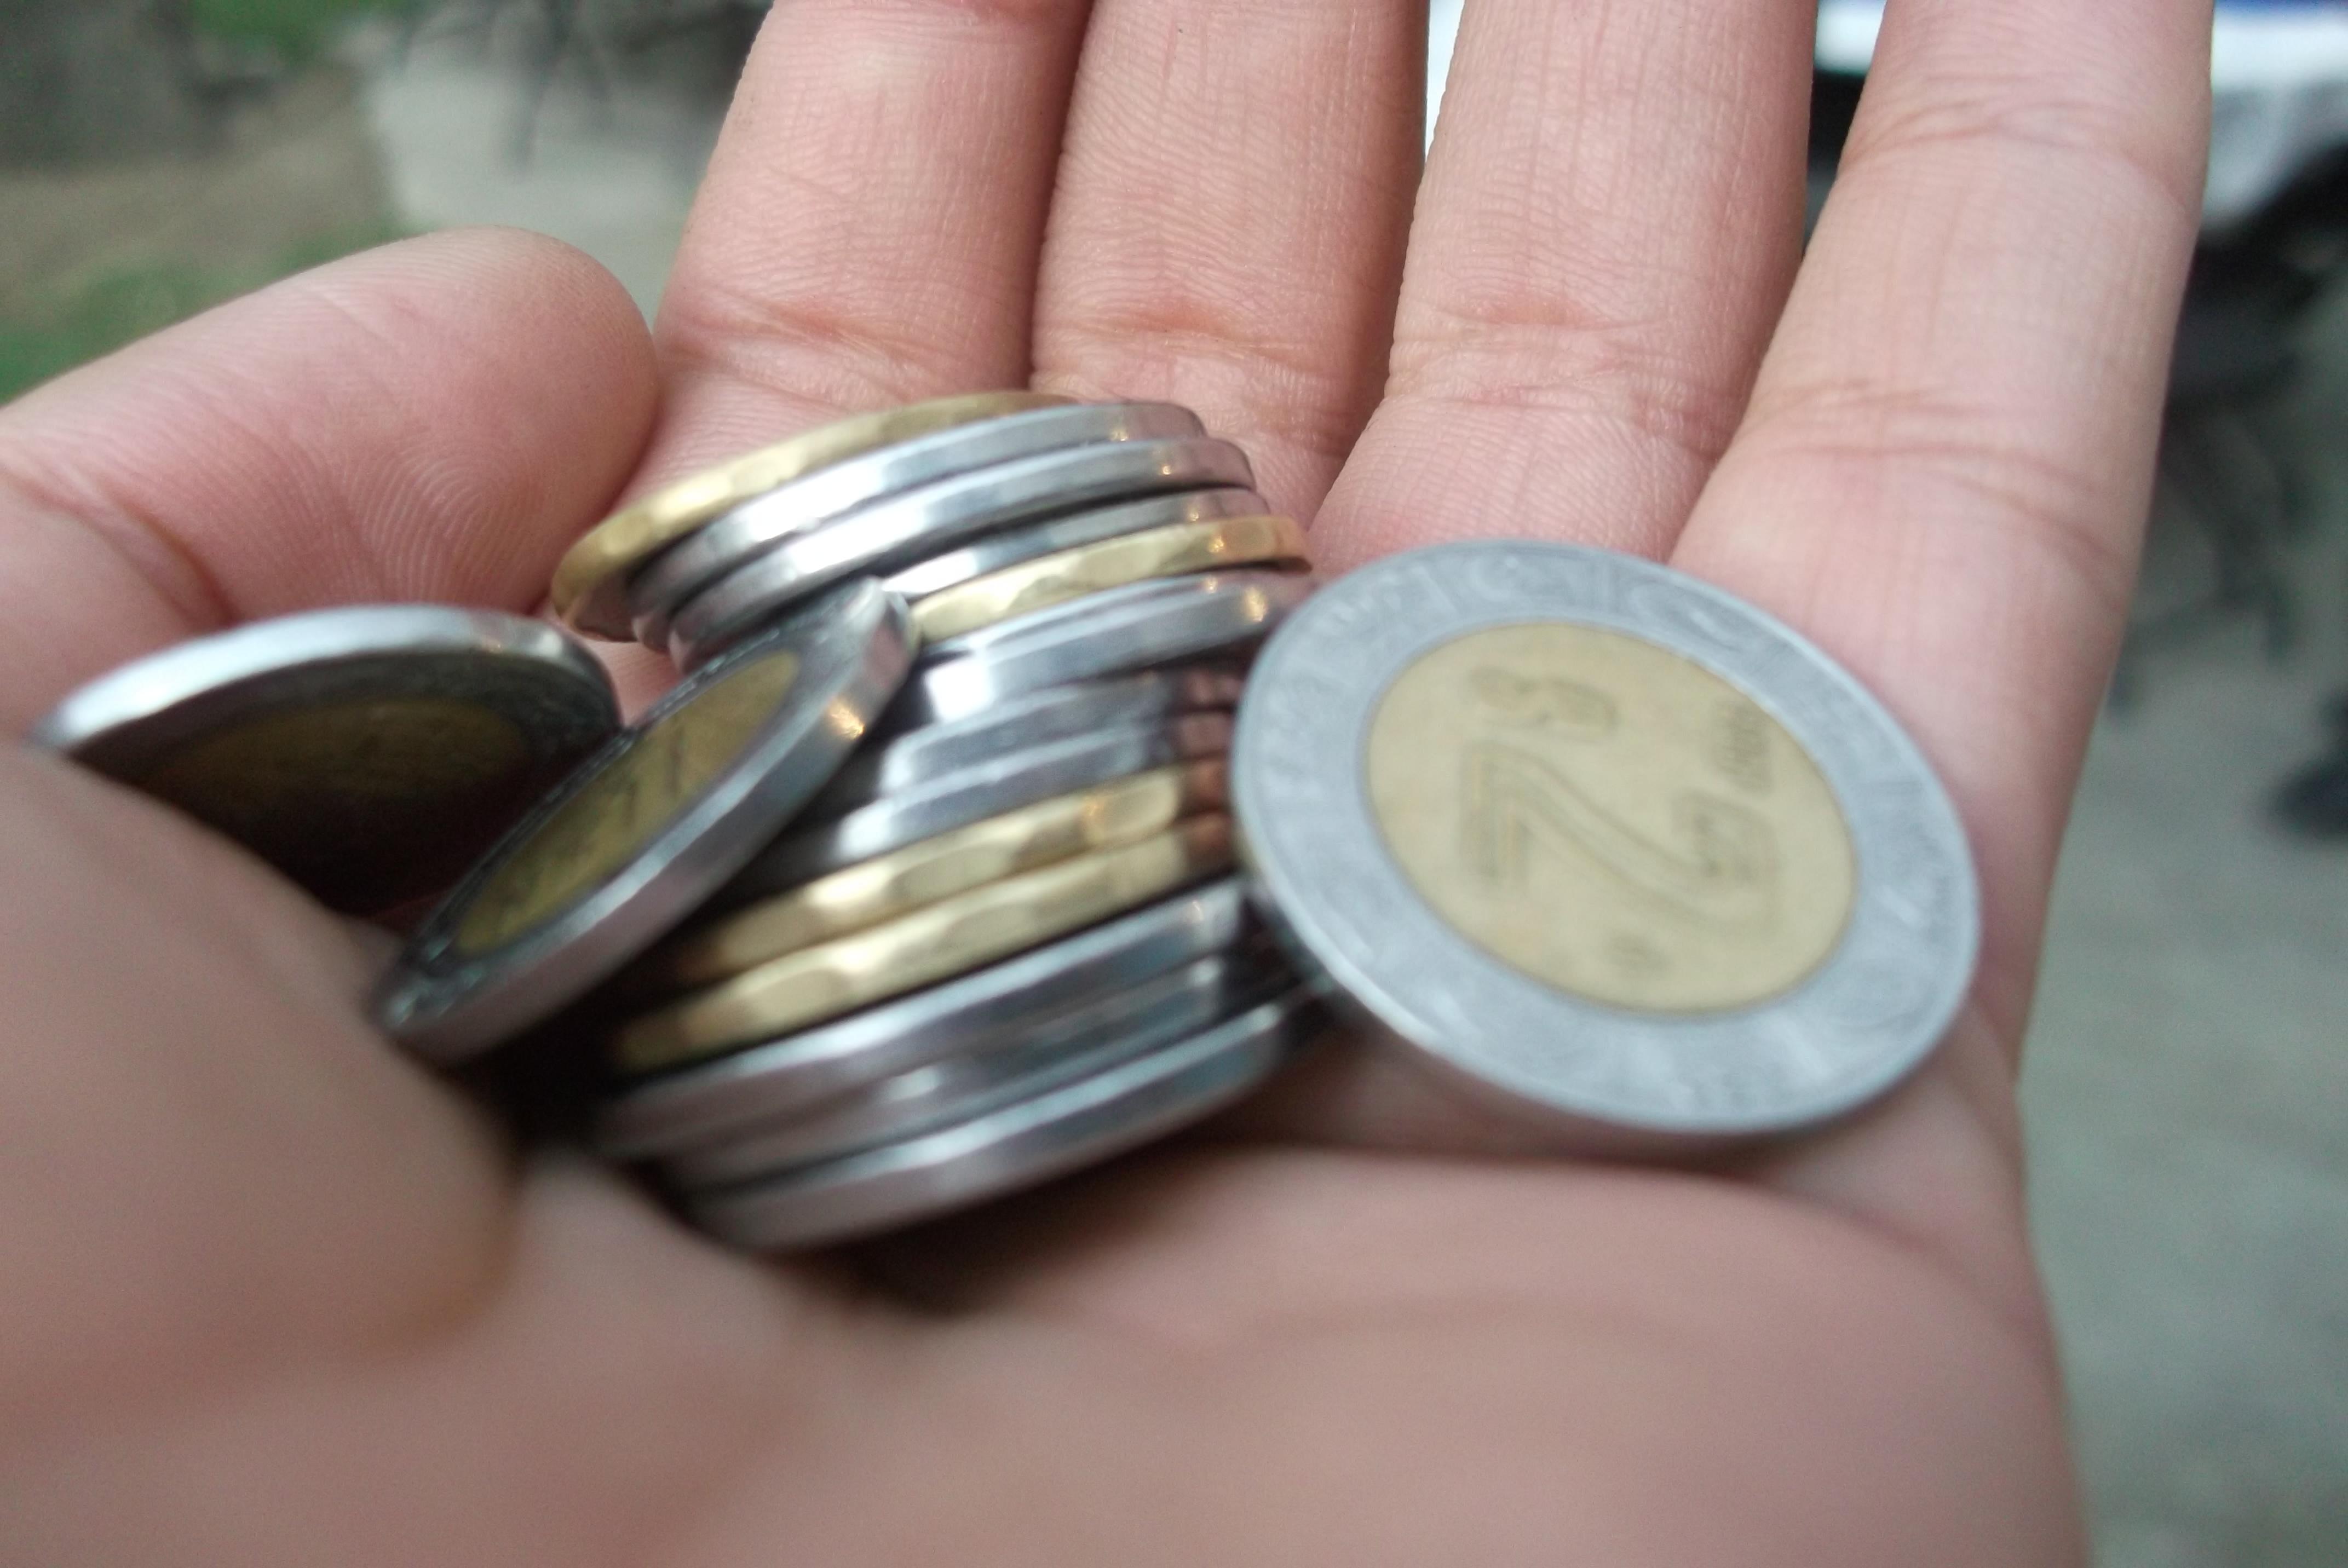 Alza al salario sin consenso causaría conflictos: STPS